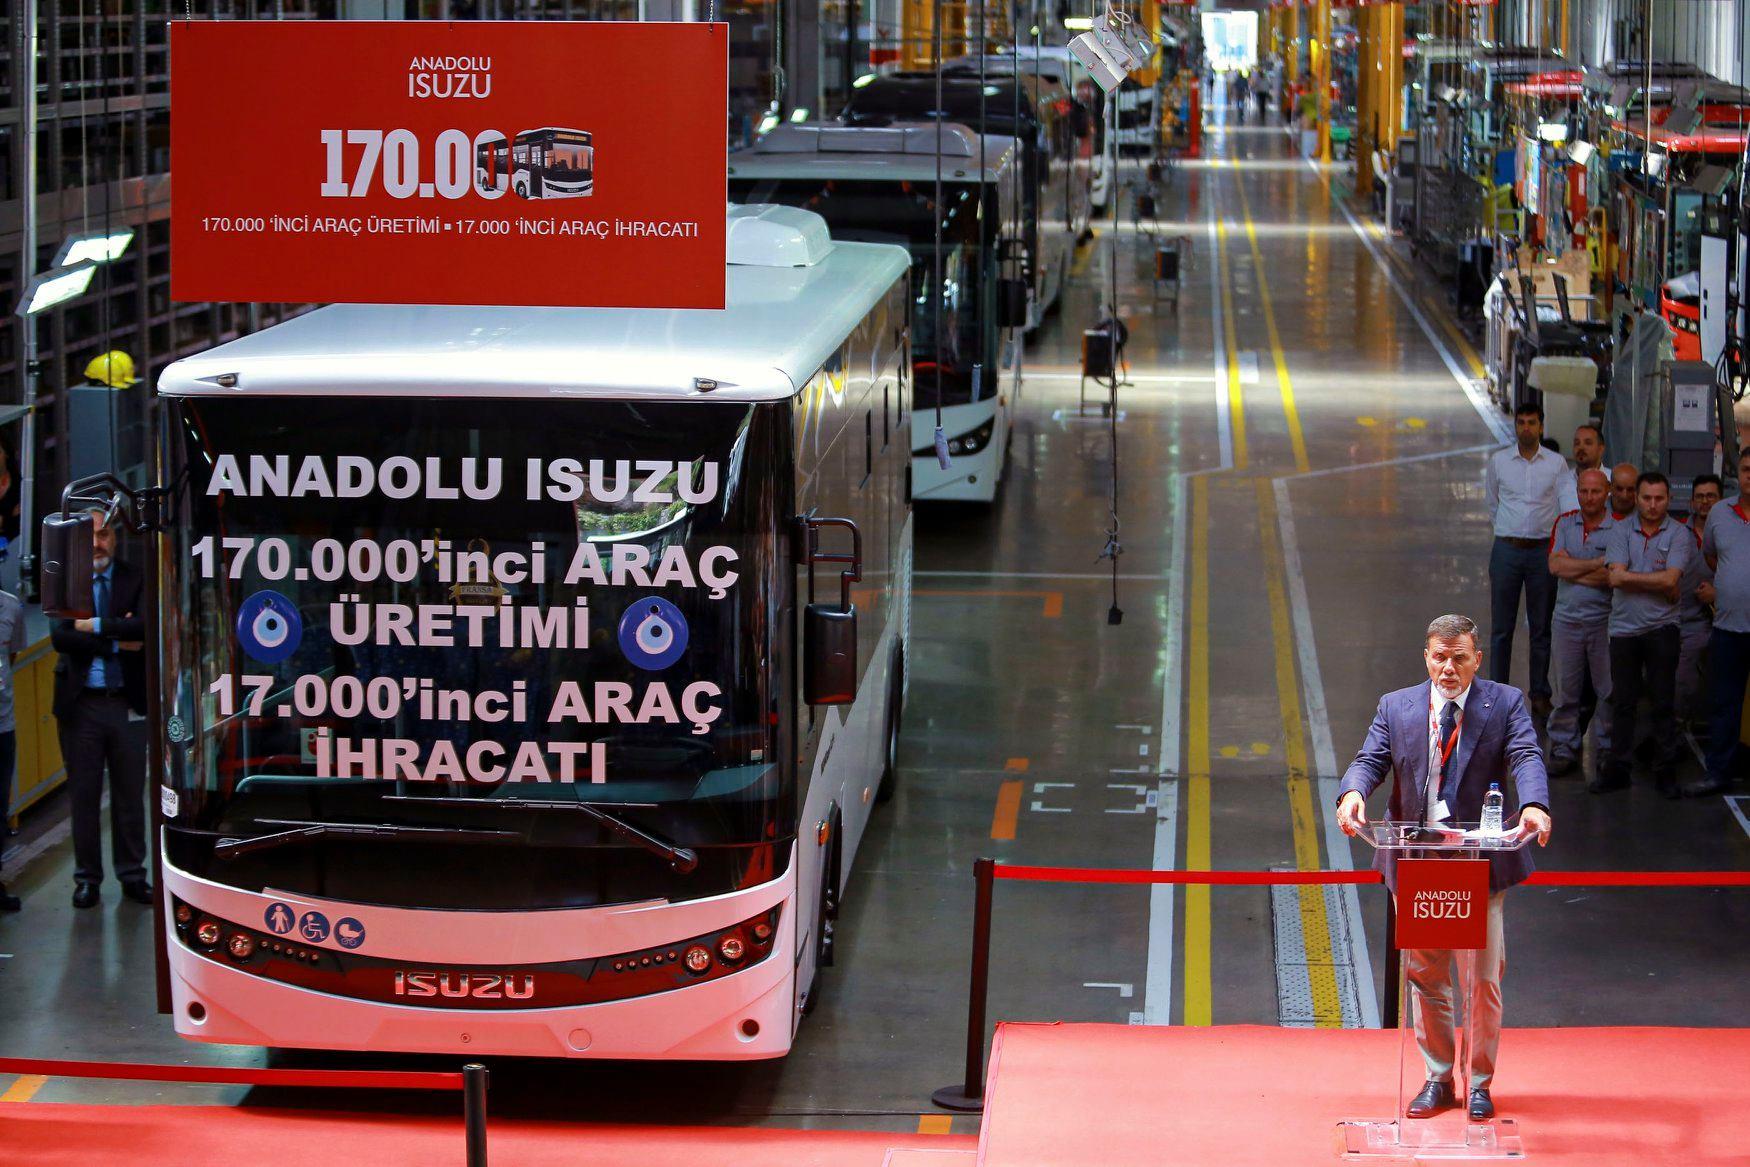 170-tūkstantoji transporto priemonė